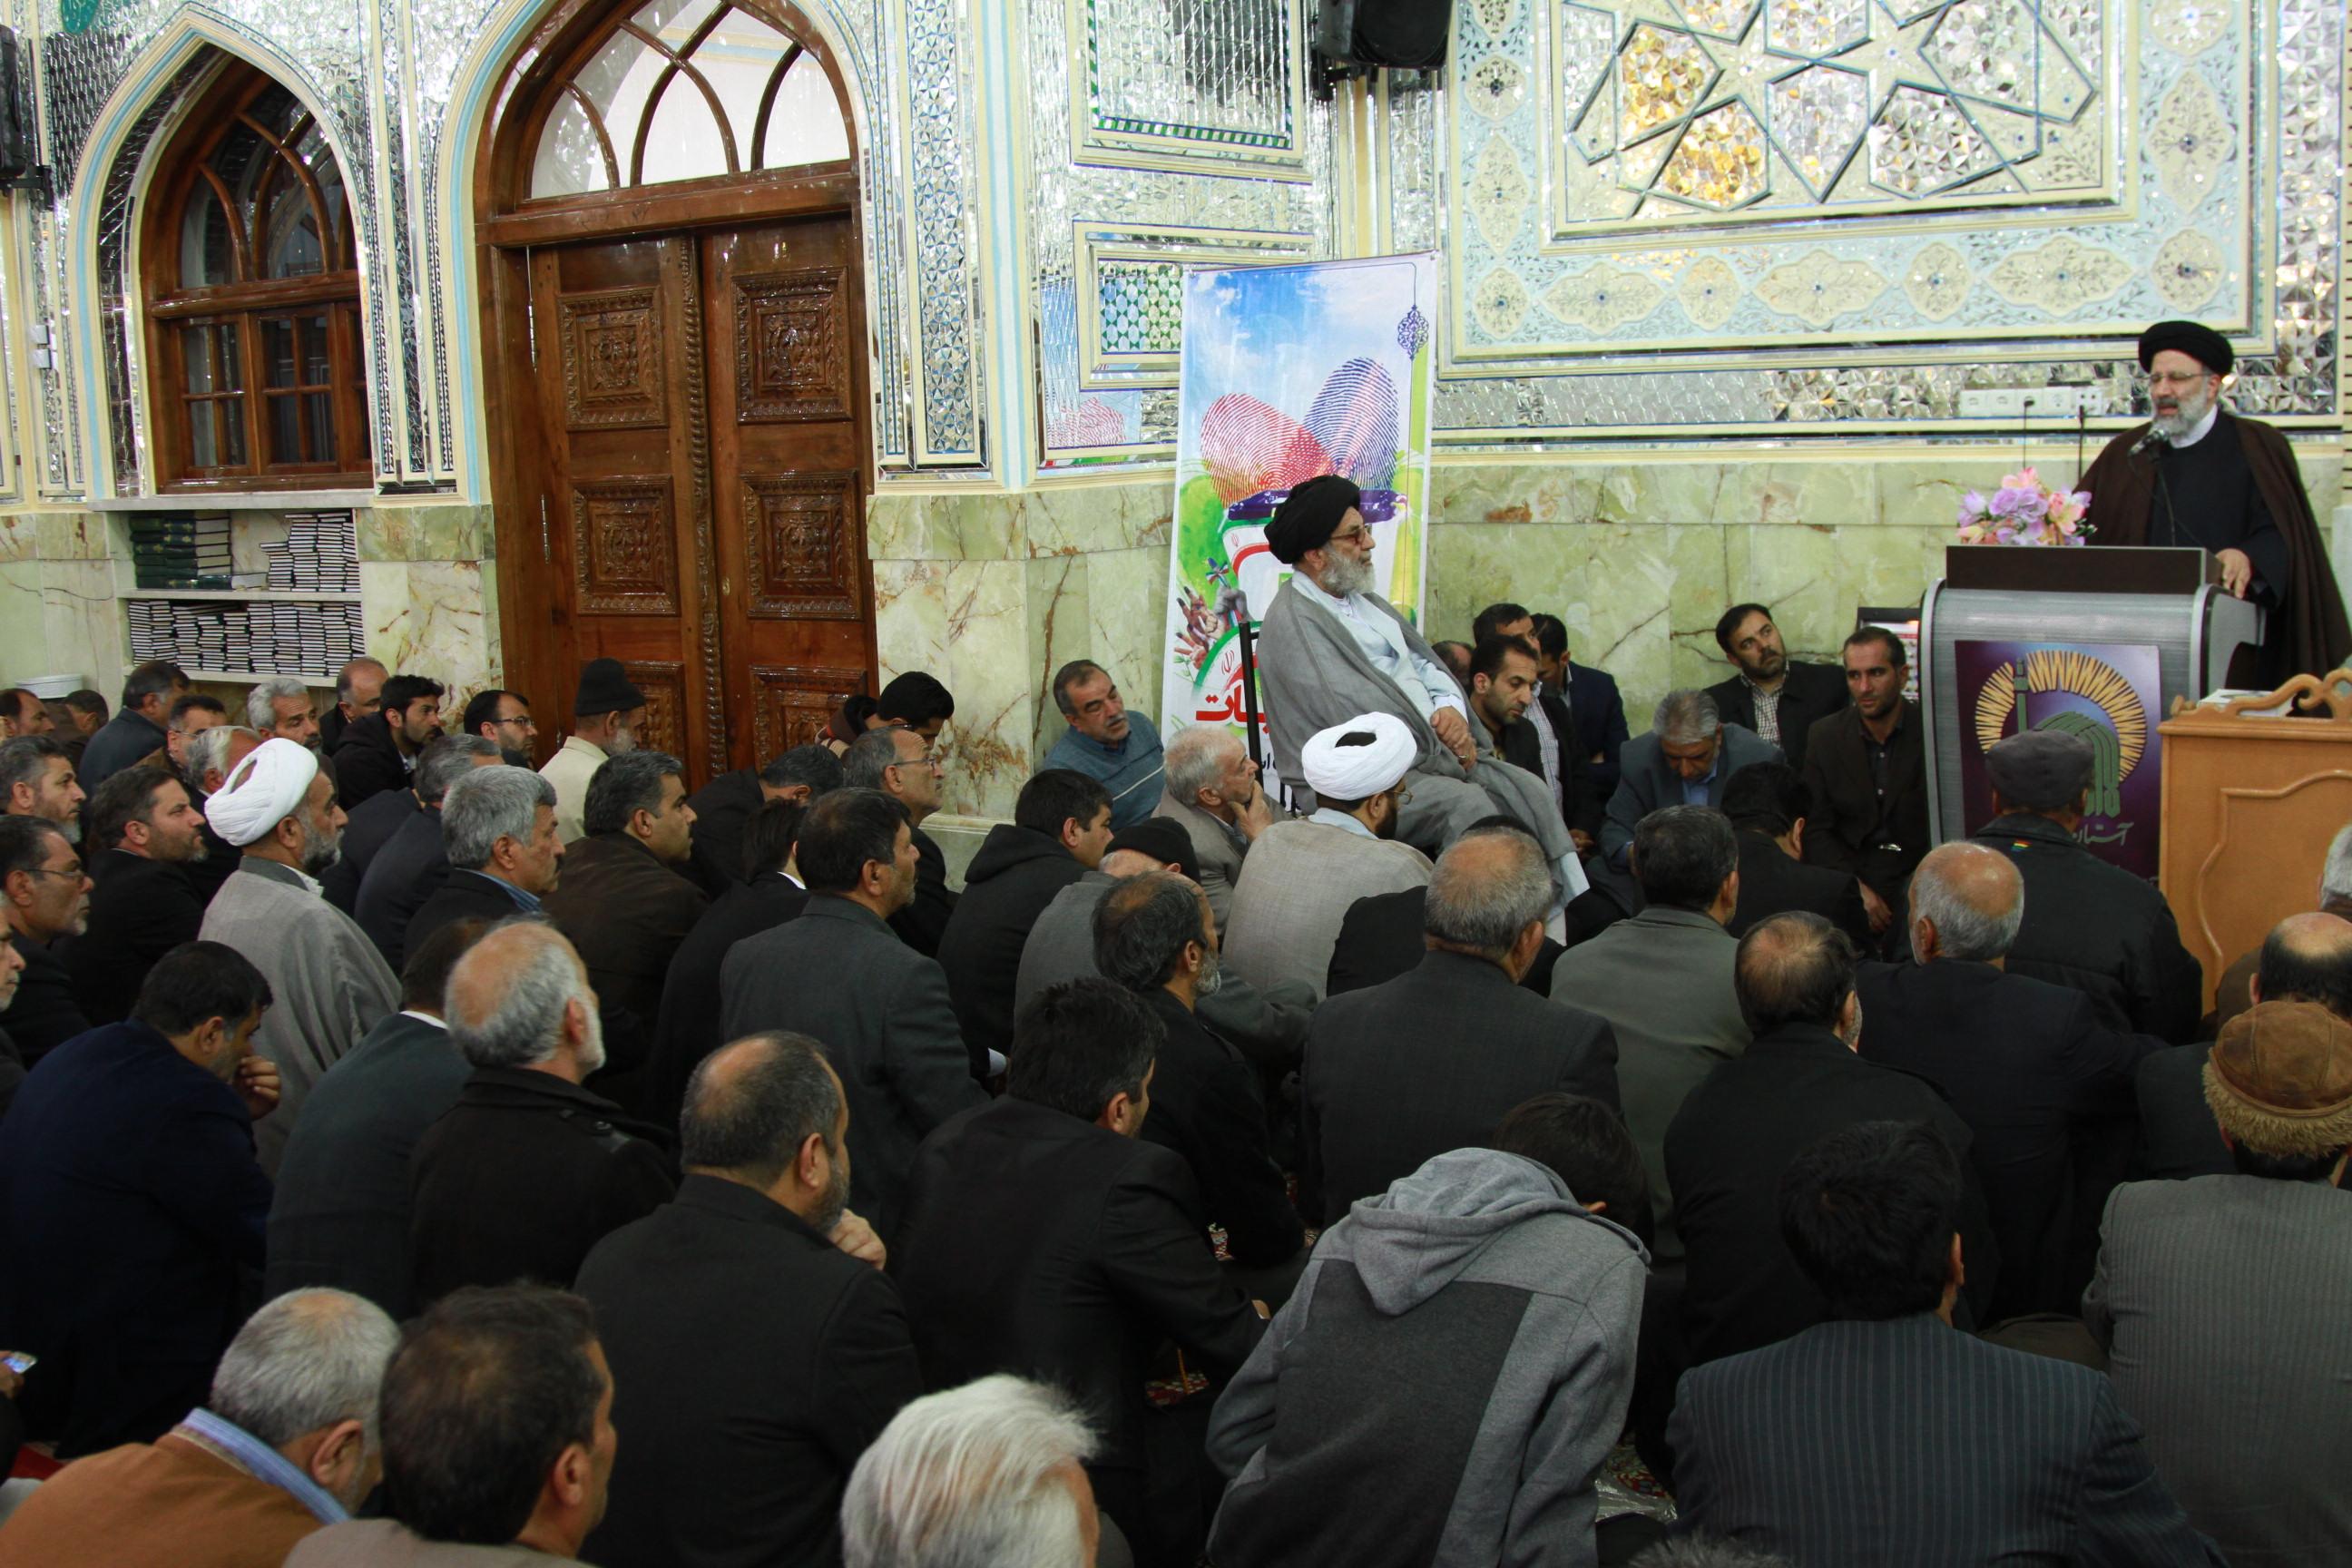 سخنرانی حجت الاسلام و المسلمین درجمع مردم شریف طبس گلشن